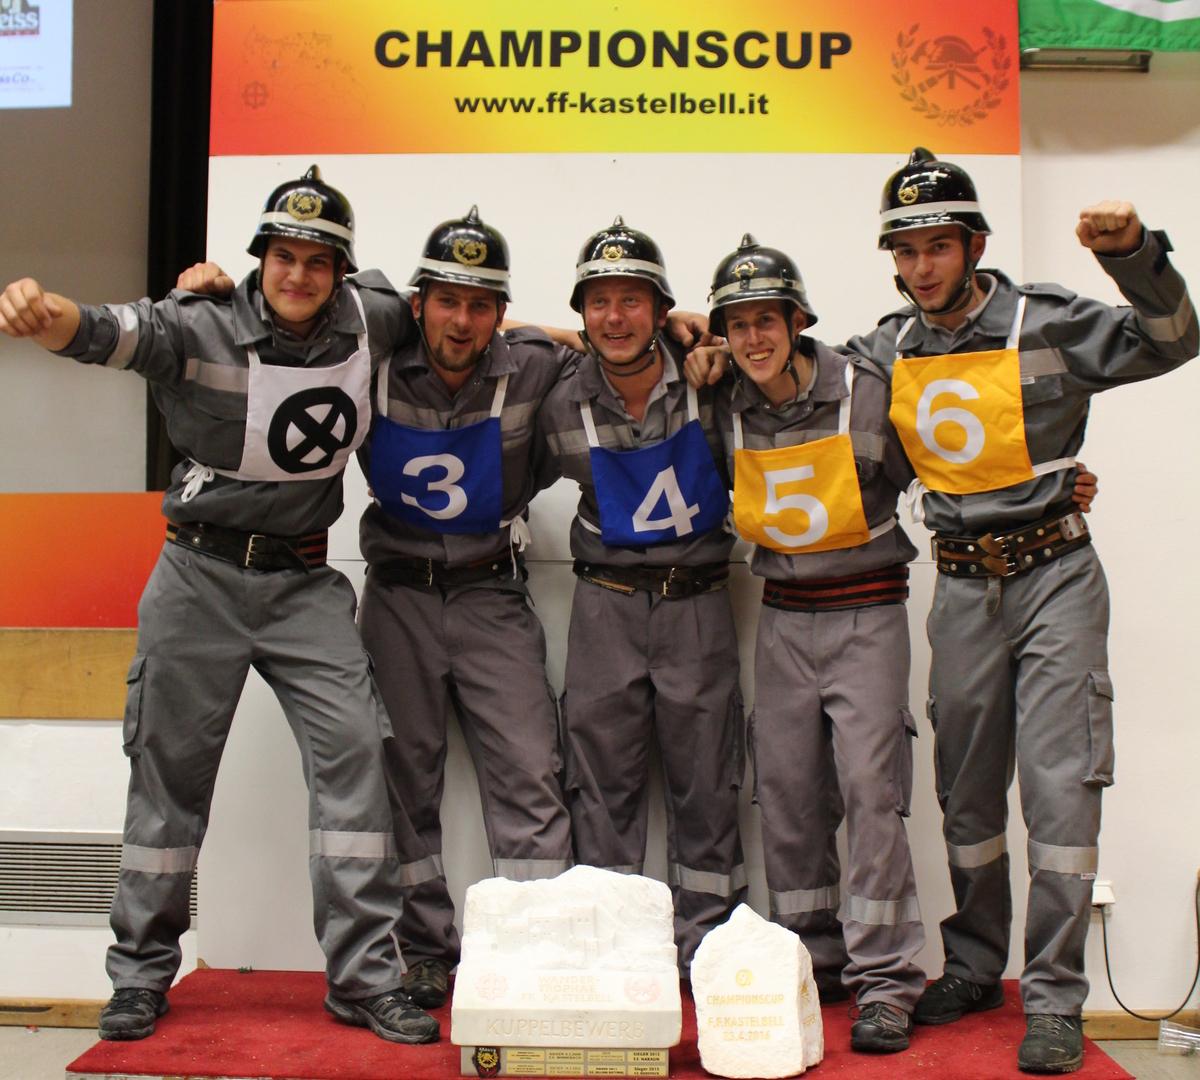 Bewerbsgruppe Naraun - Sieger 2016